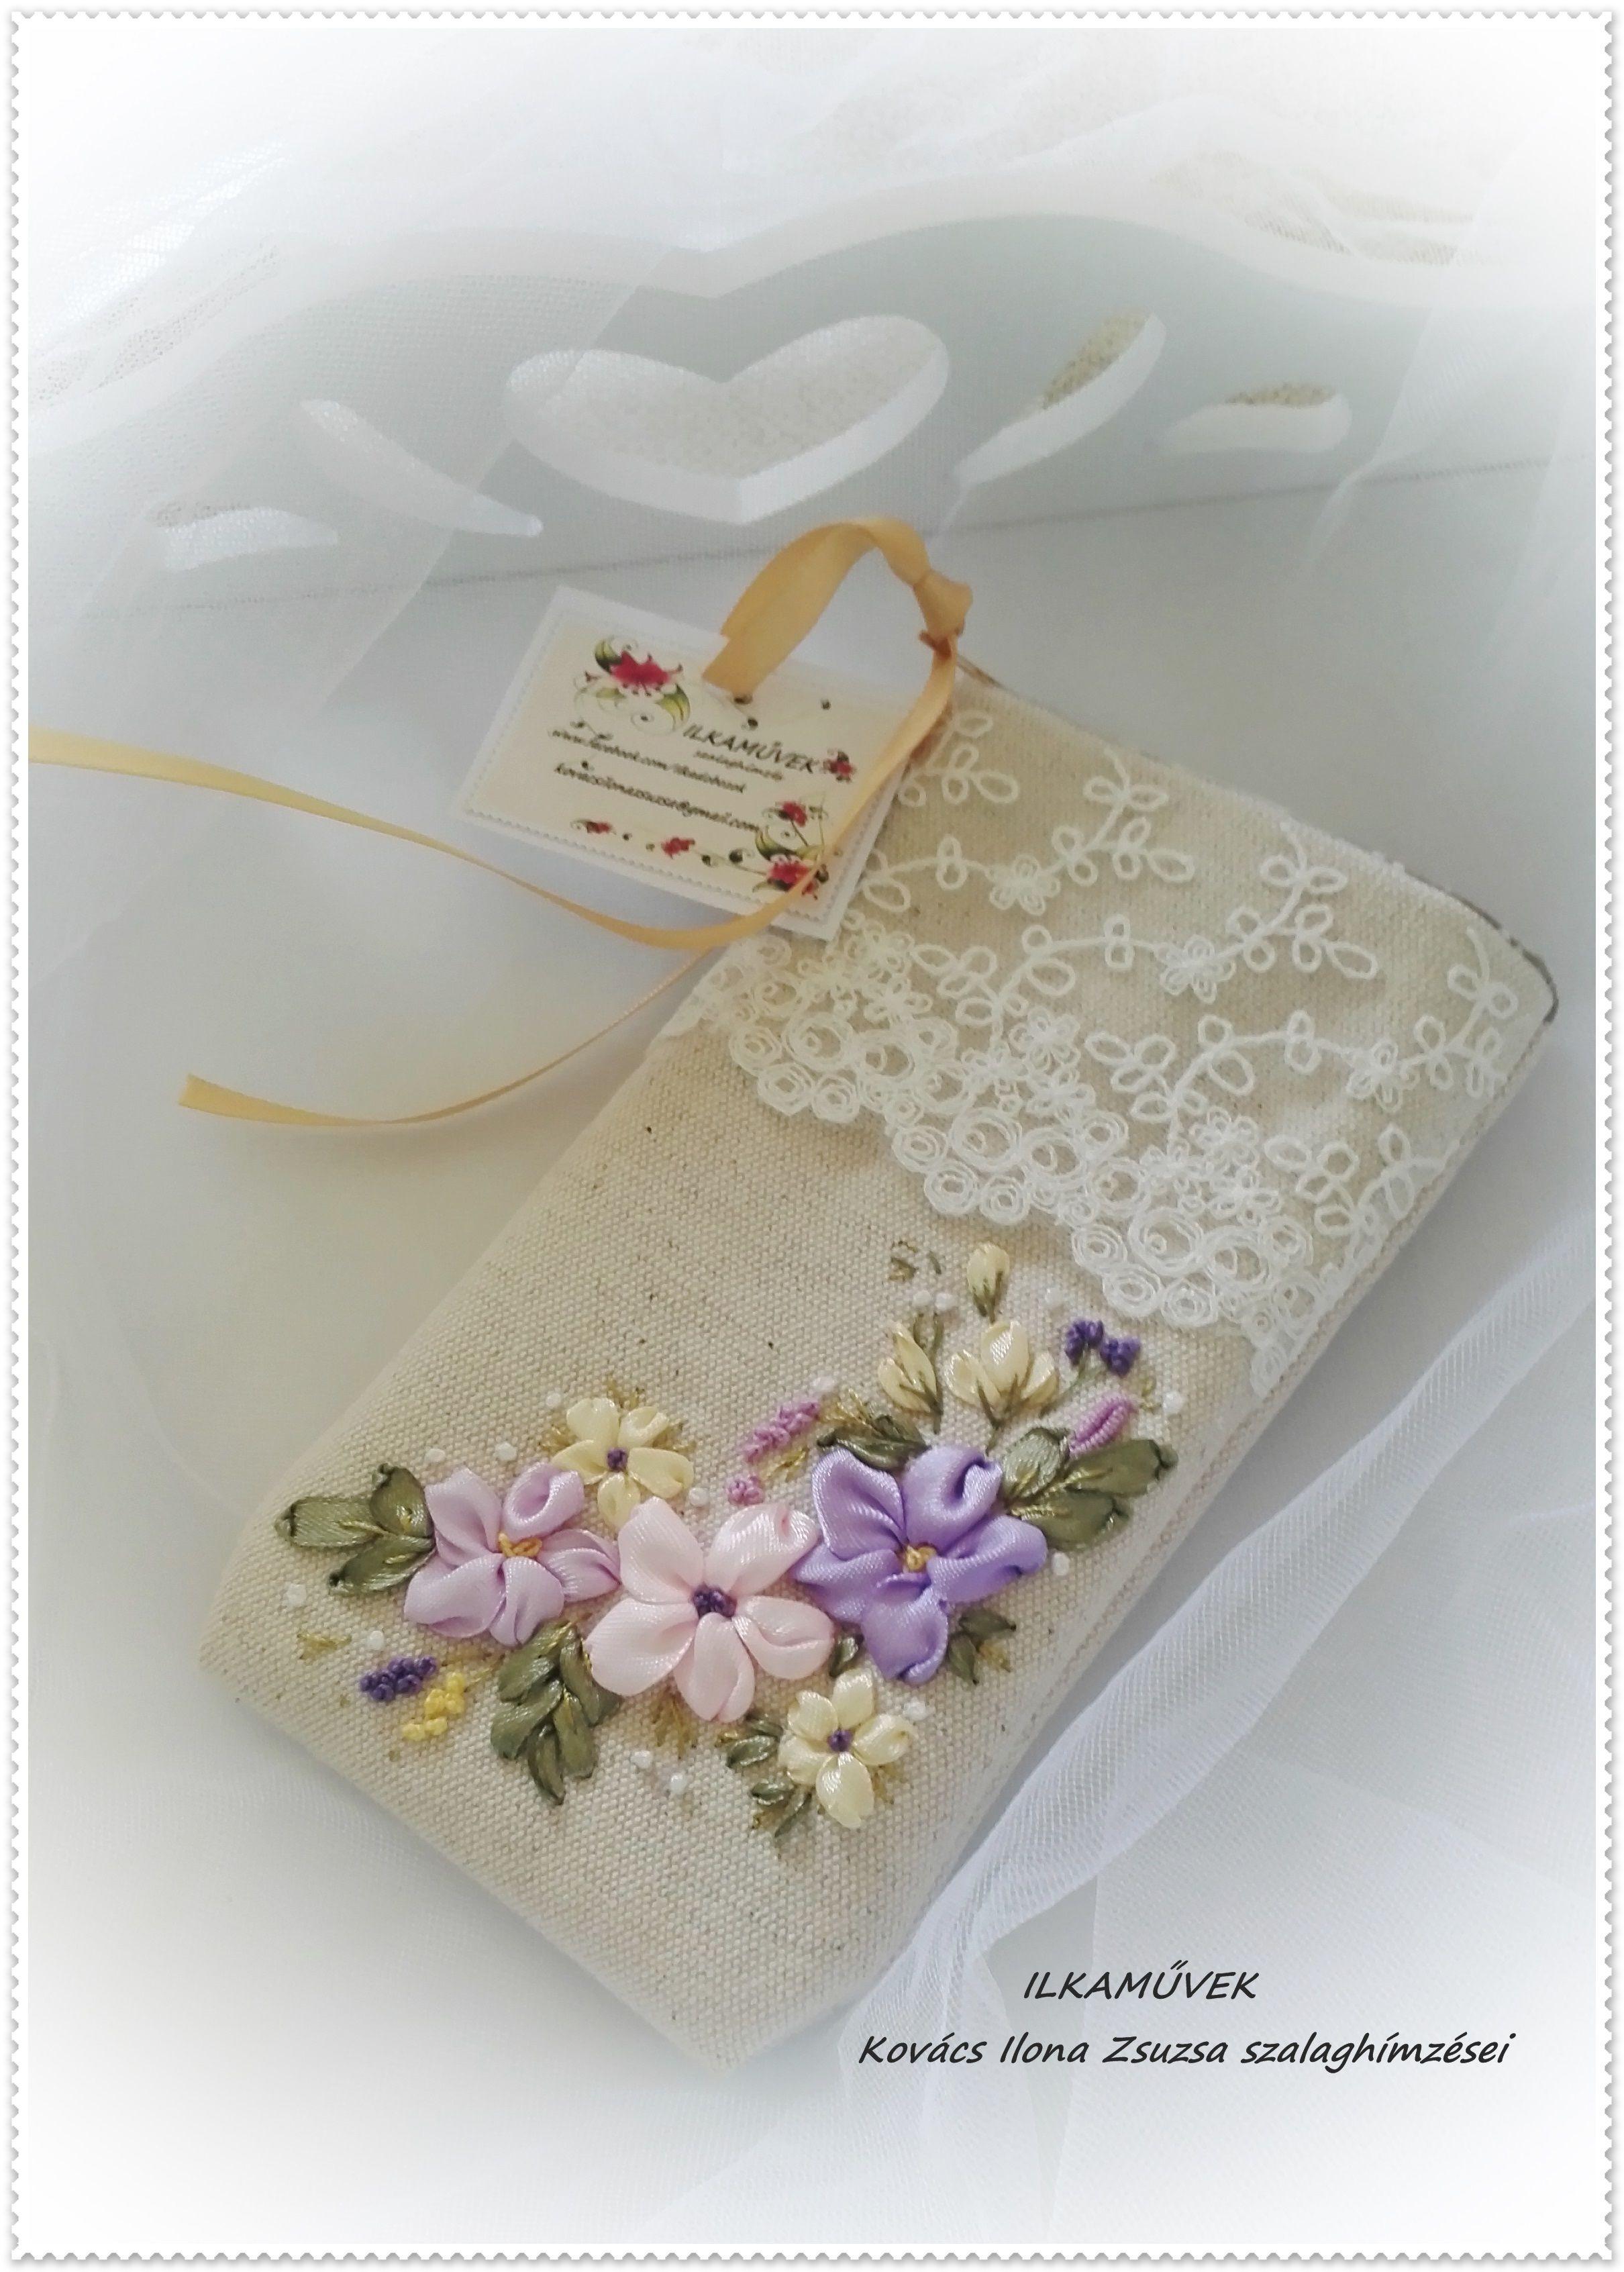 Flower De Luxury Mobiltok Ballagási Ajándék